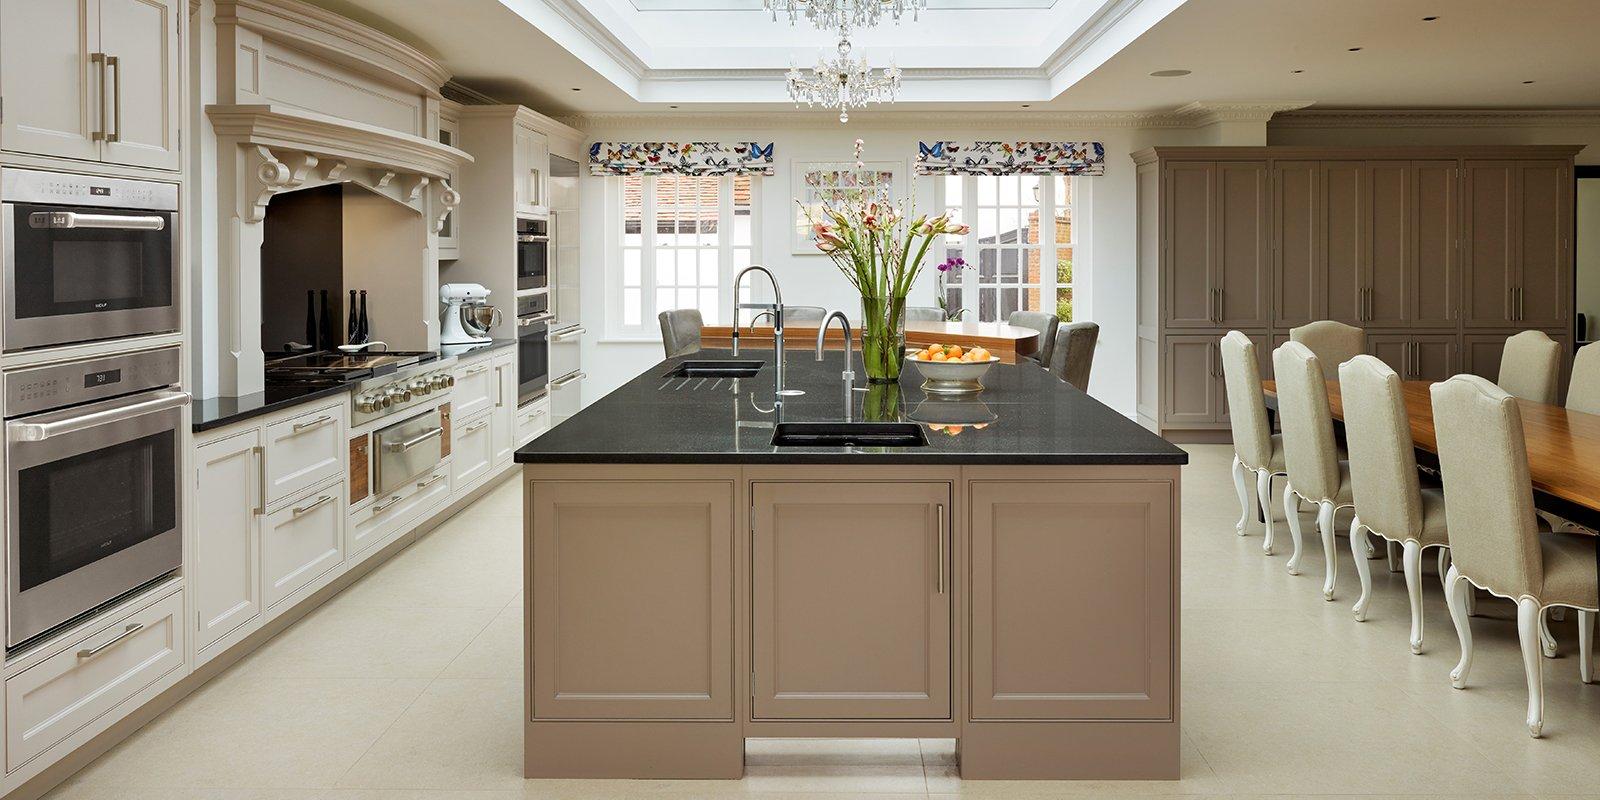 kitchen island with granite worktop